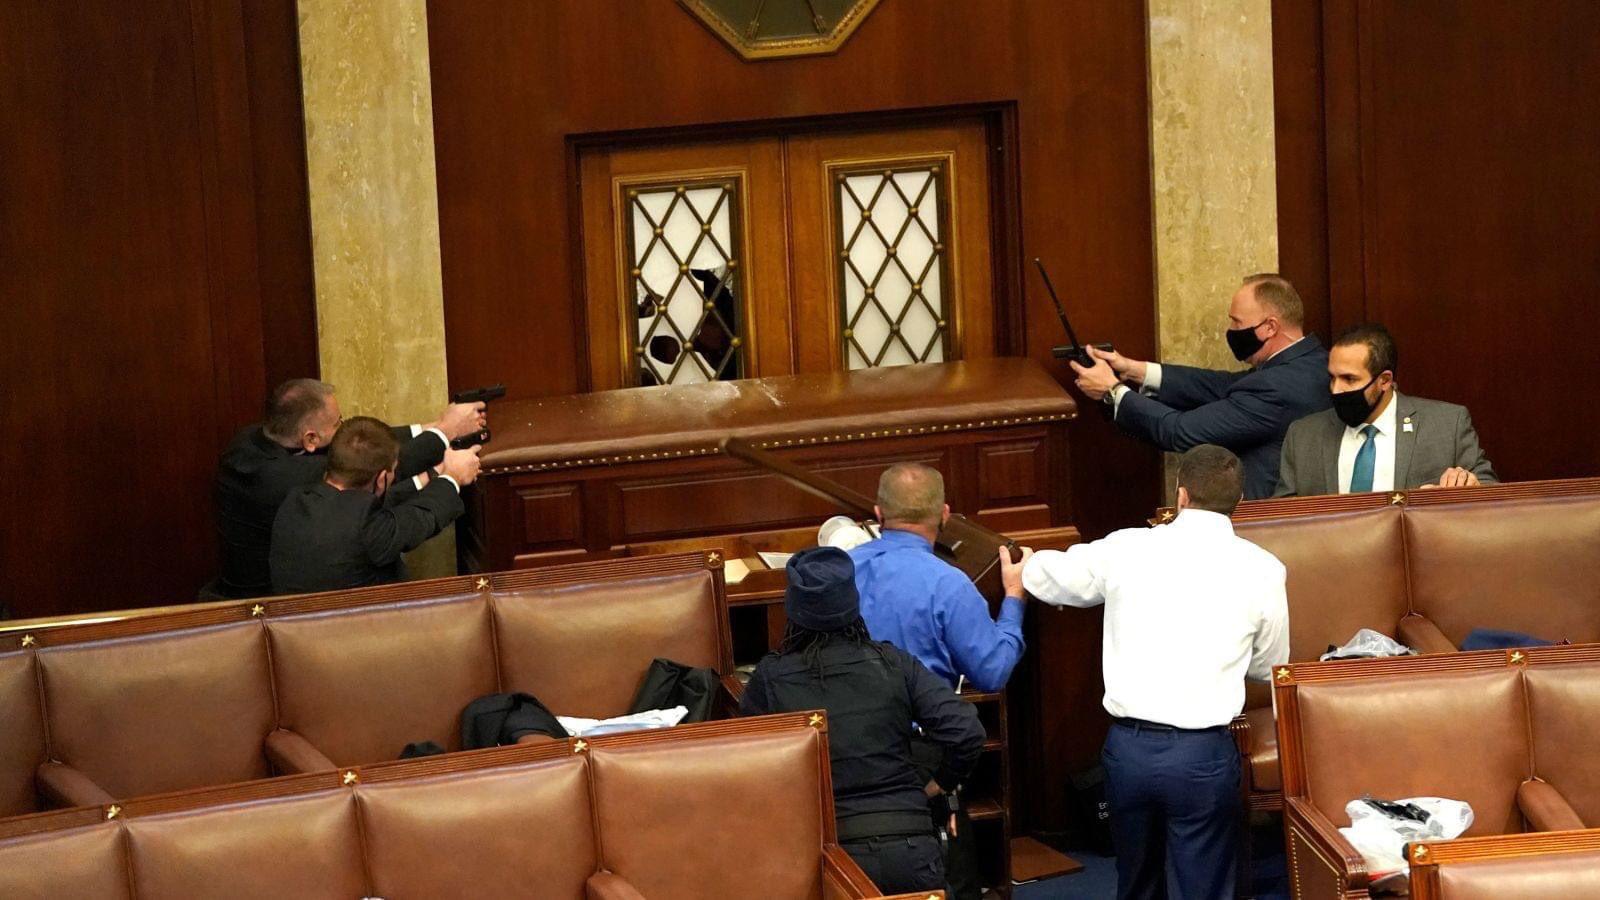 assalto congresso usa foto video